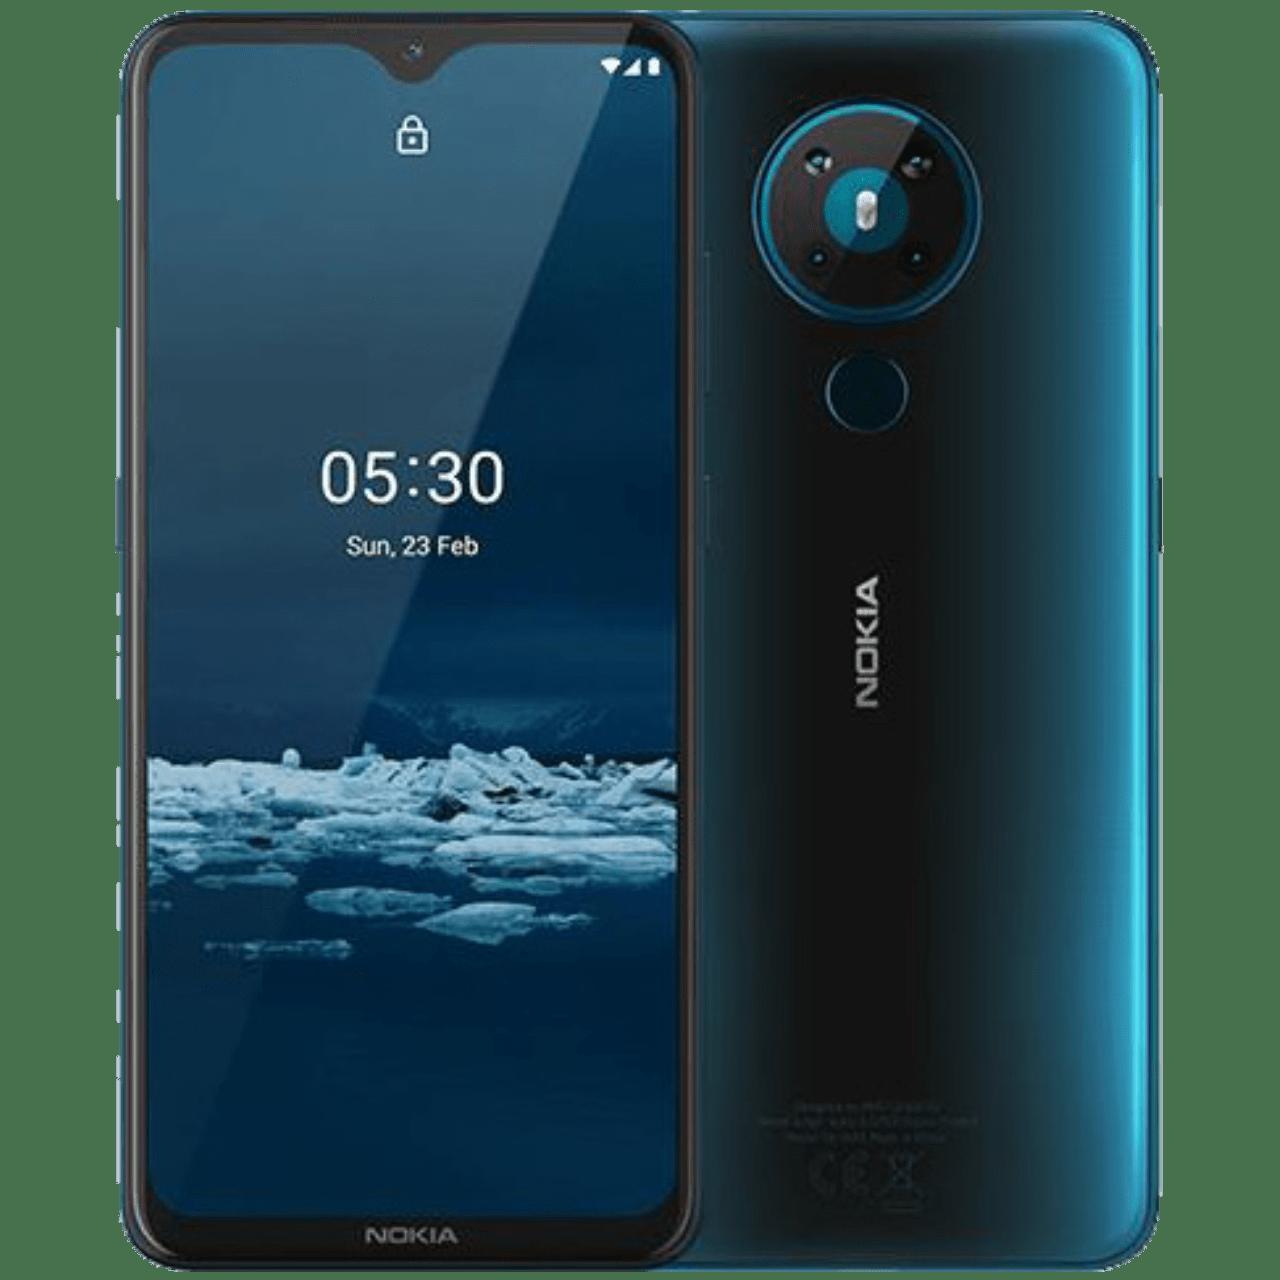 Nokia 3 4 Prix Fiche Technique Test Et Actualite Smartphones Frandroid